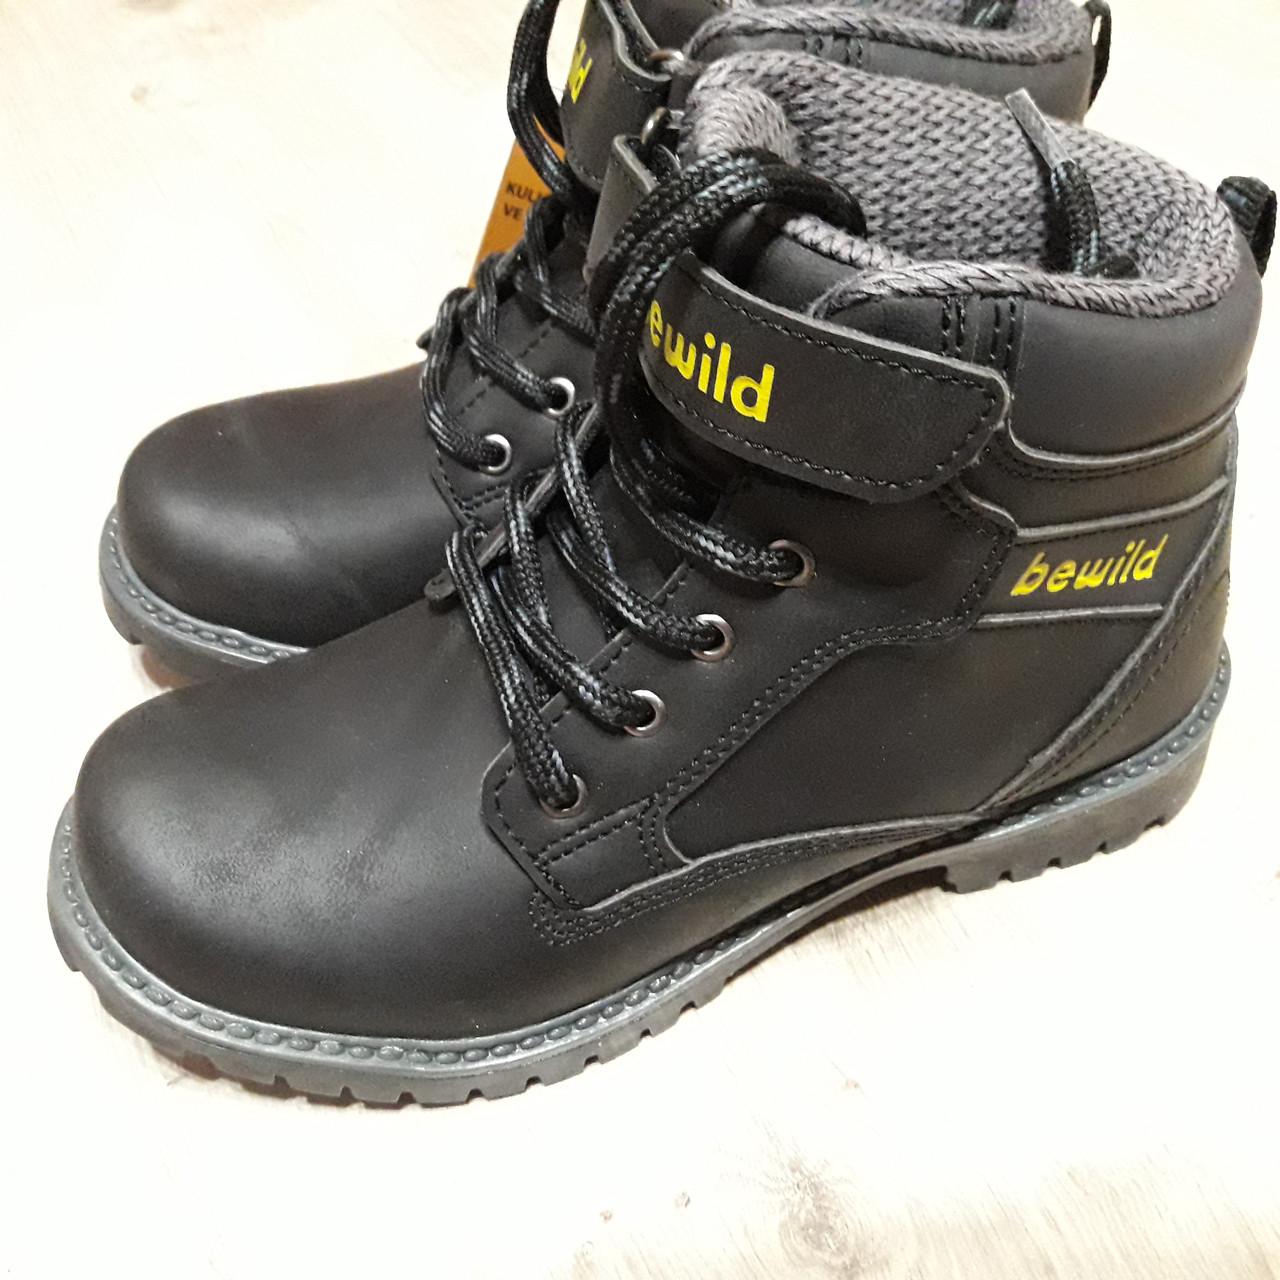 Ботинки подростковые Турция демисезонные  Bewild черные для мальчиков  размеры 34